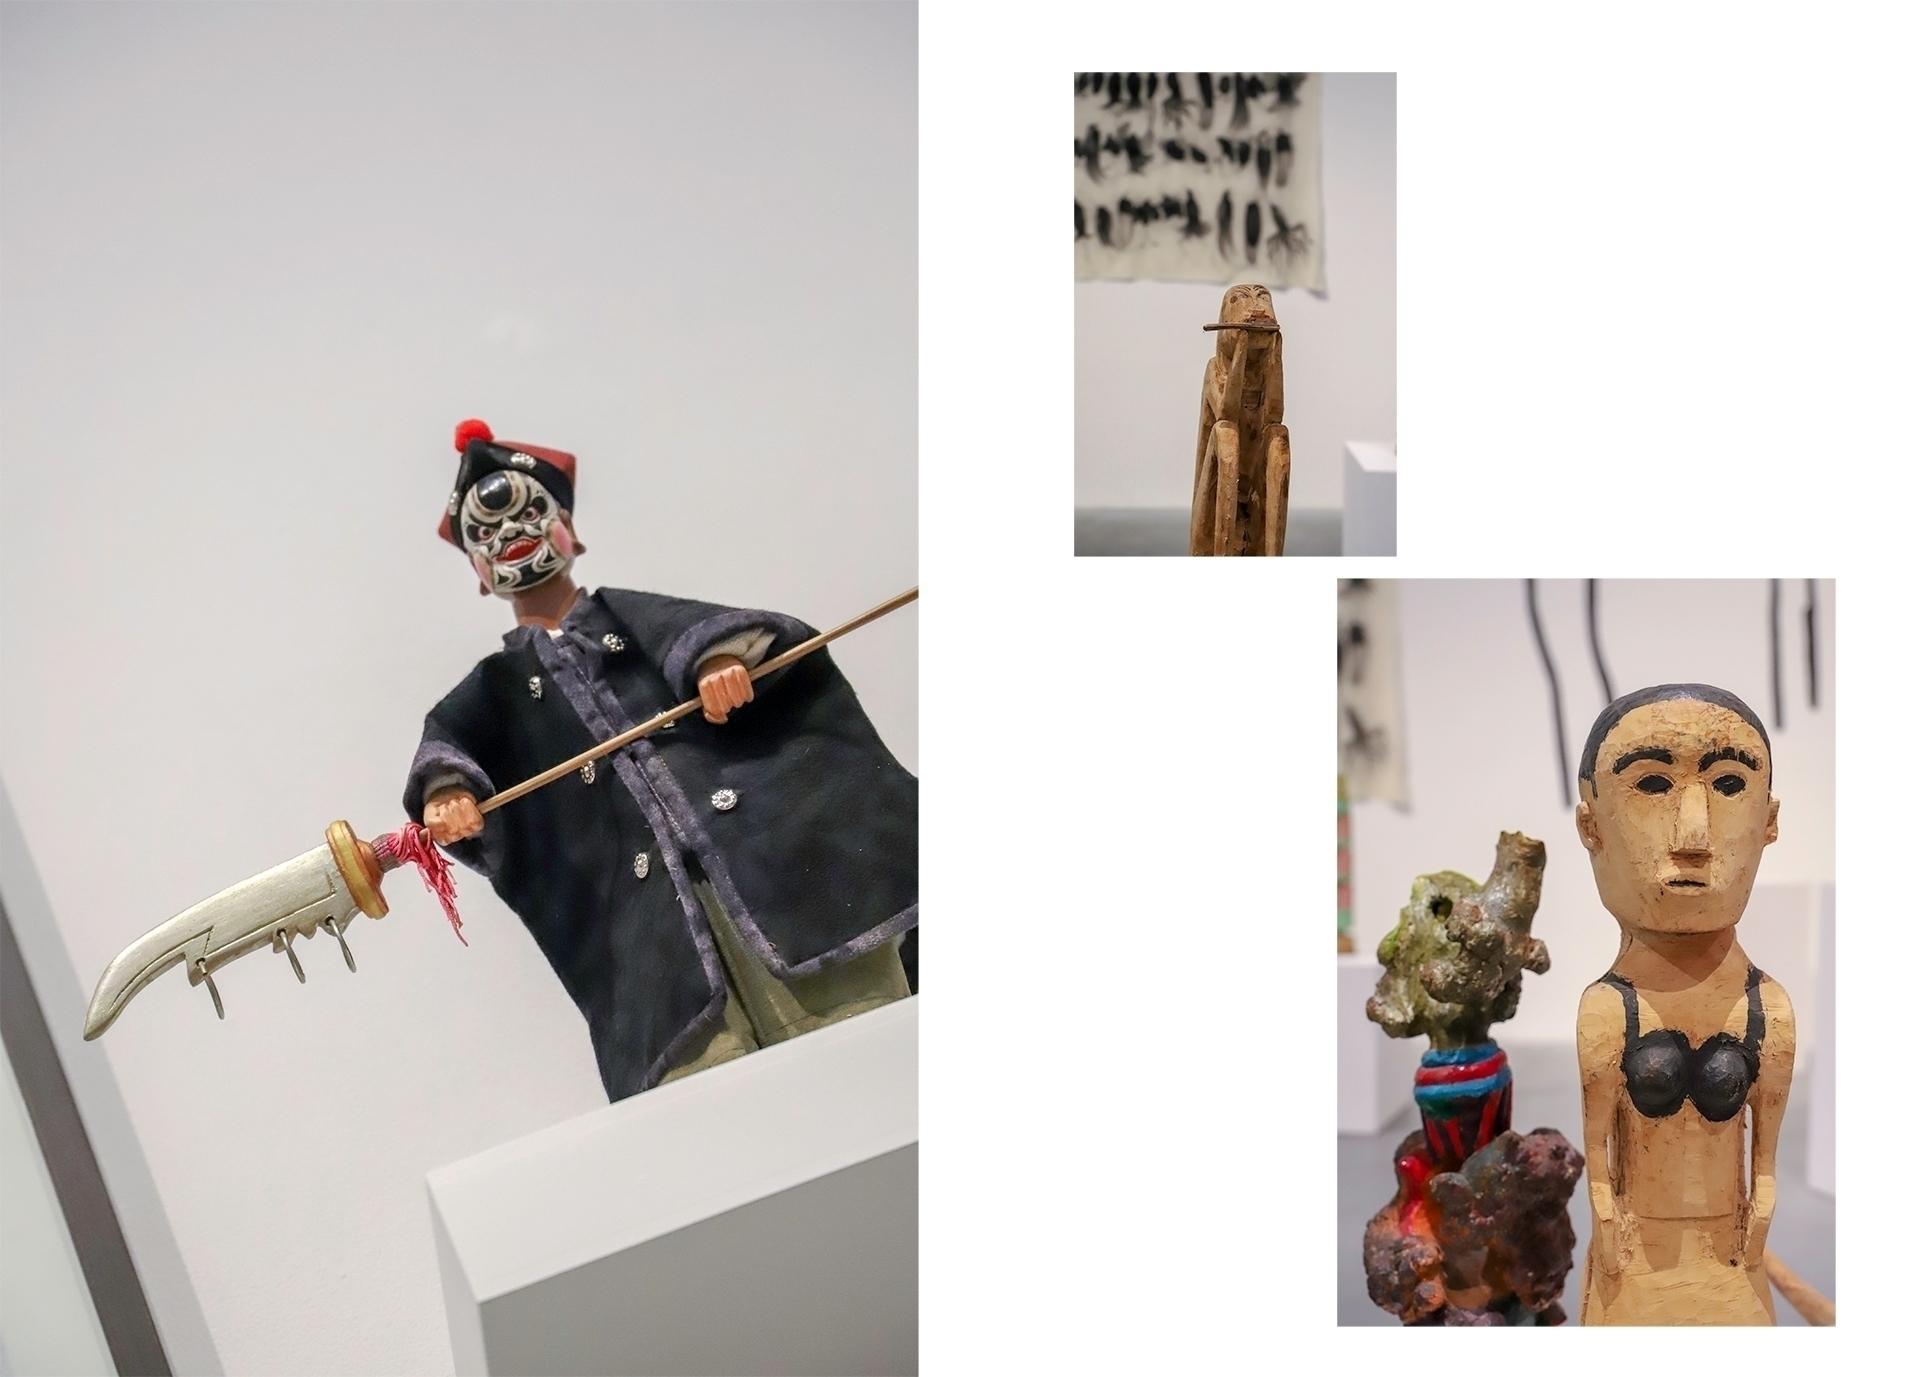 Obraz przedstawia trzy zdjęcia rytualnych figurek wyrzeźbionych w drewnie.